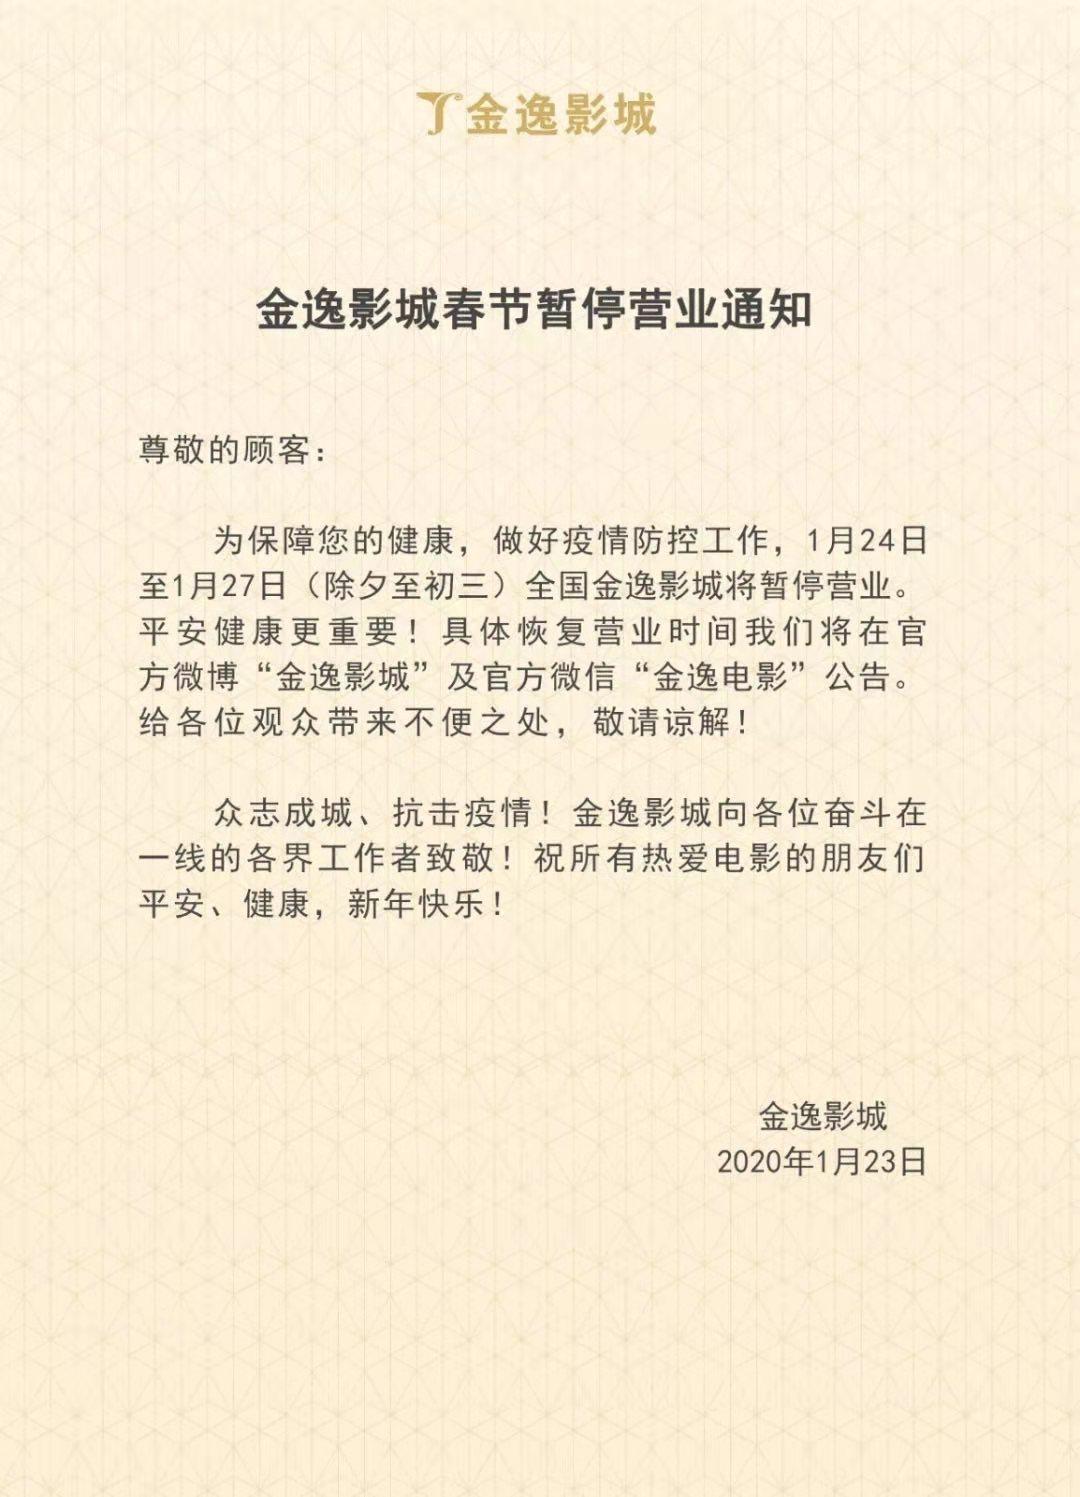 北京:大地、金逸、卢米埃、博纳等影院宣布春节暂停营业